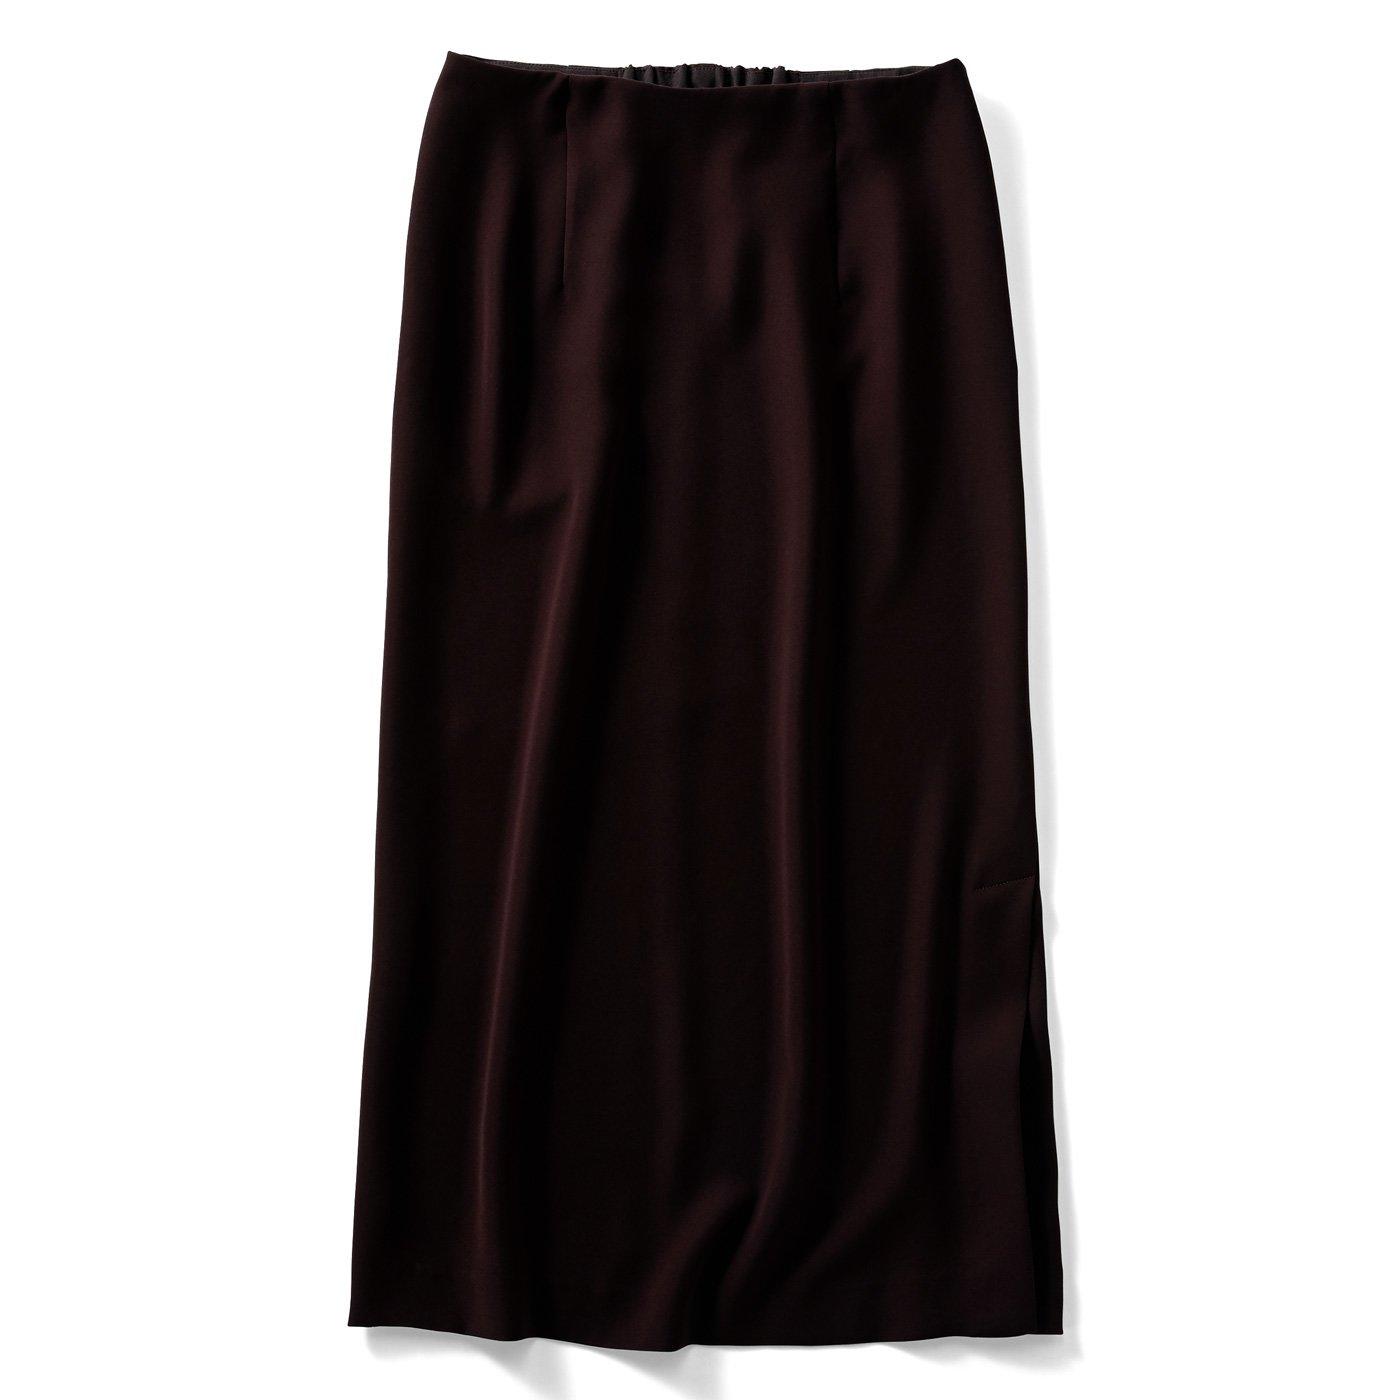 IEDIT[イディット] 小森美穂子さんコラボ どんなコーデにも大活躍のダブルクロスIラインスカート〈ブラウン〉